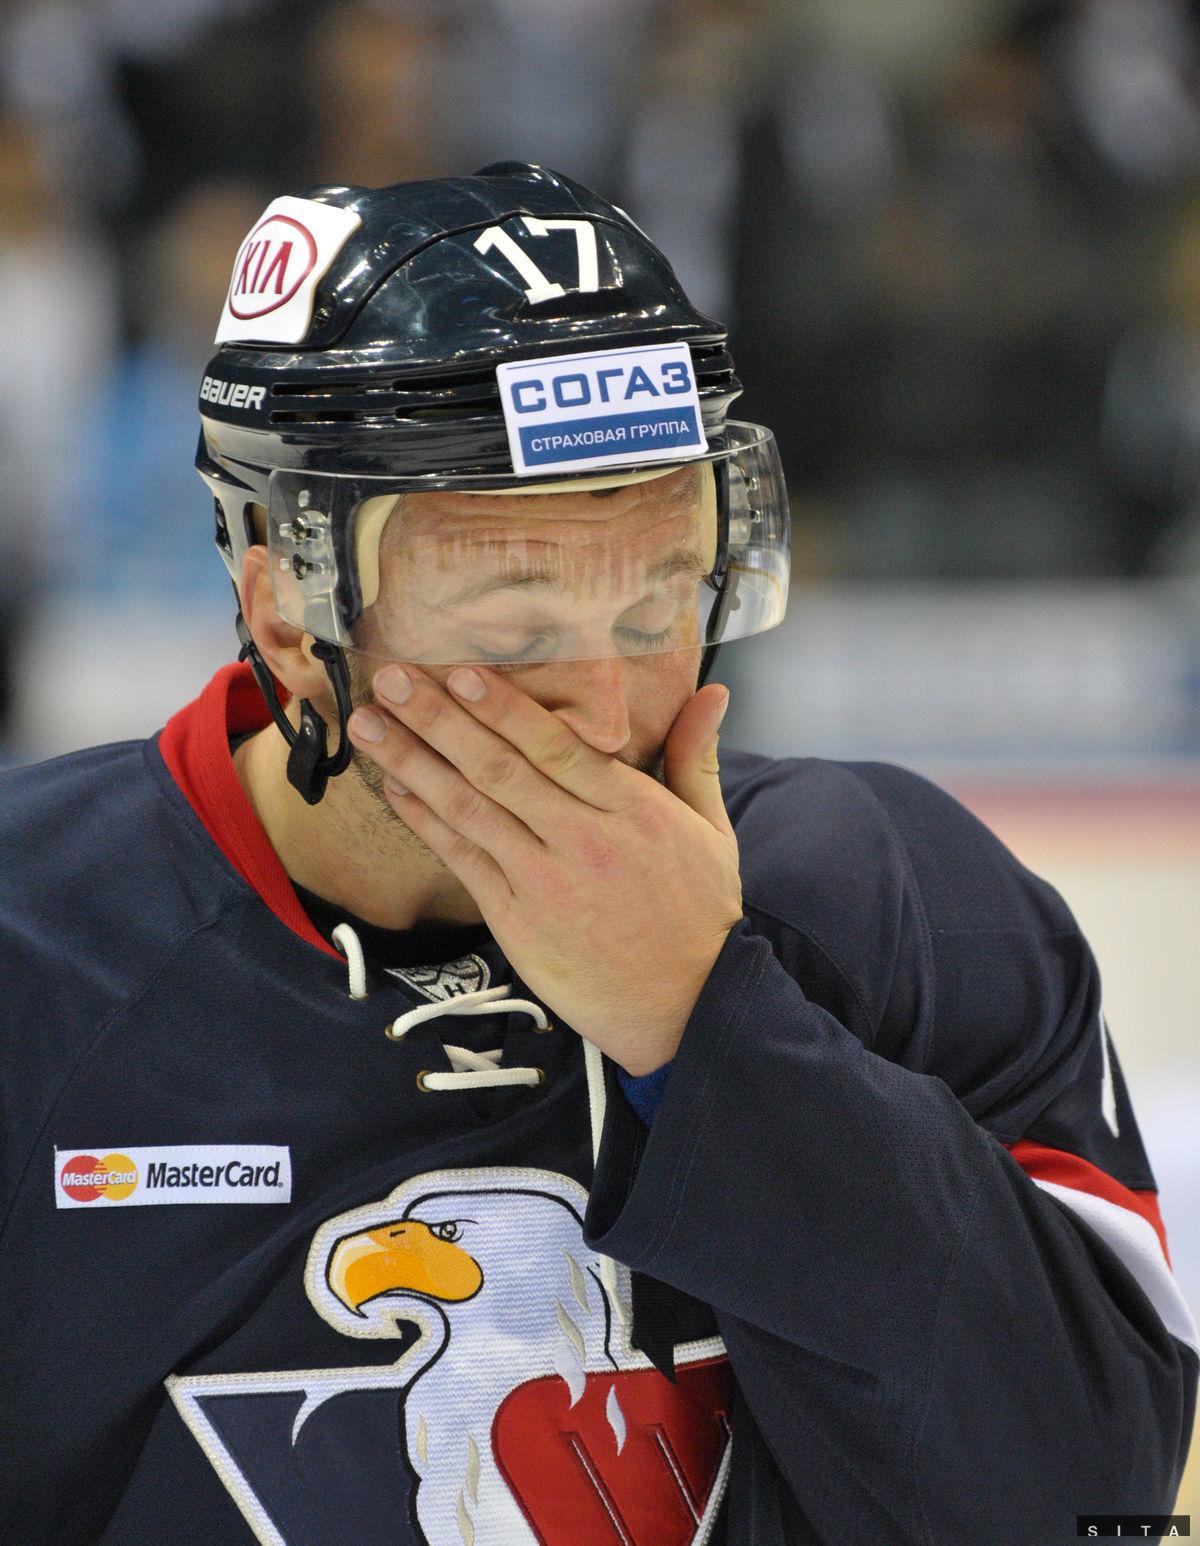 Slzy dojatia v tvári Ľubomíra Višňovského.